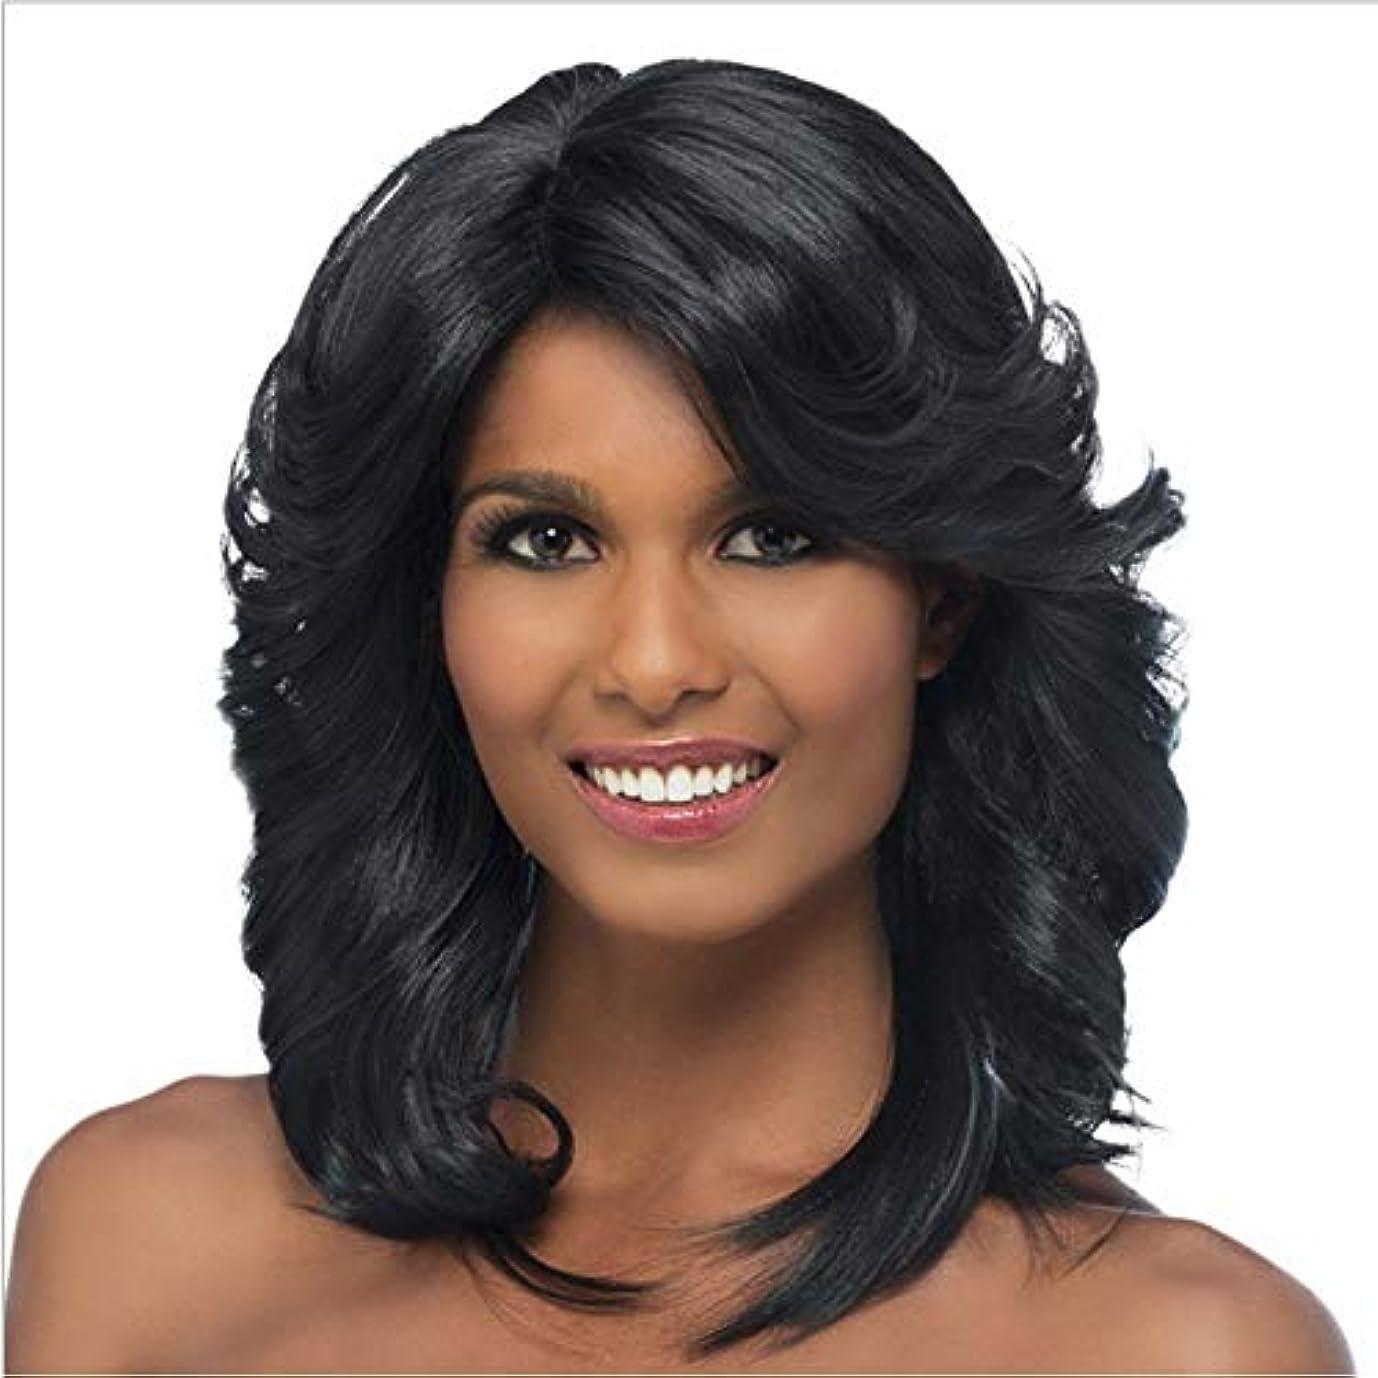 中に毎年スペードYOUQIU 女性の毎日のパーティーウィッグのための合成髪ブラックカーリーヘアショルダー長ウィッグ (色 : 黒)